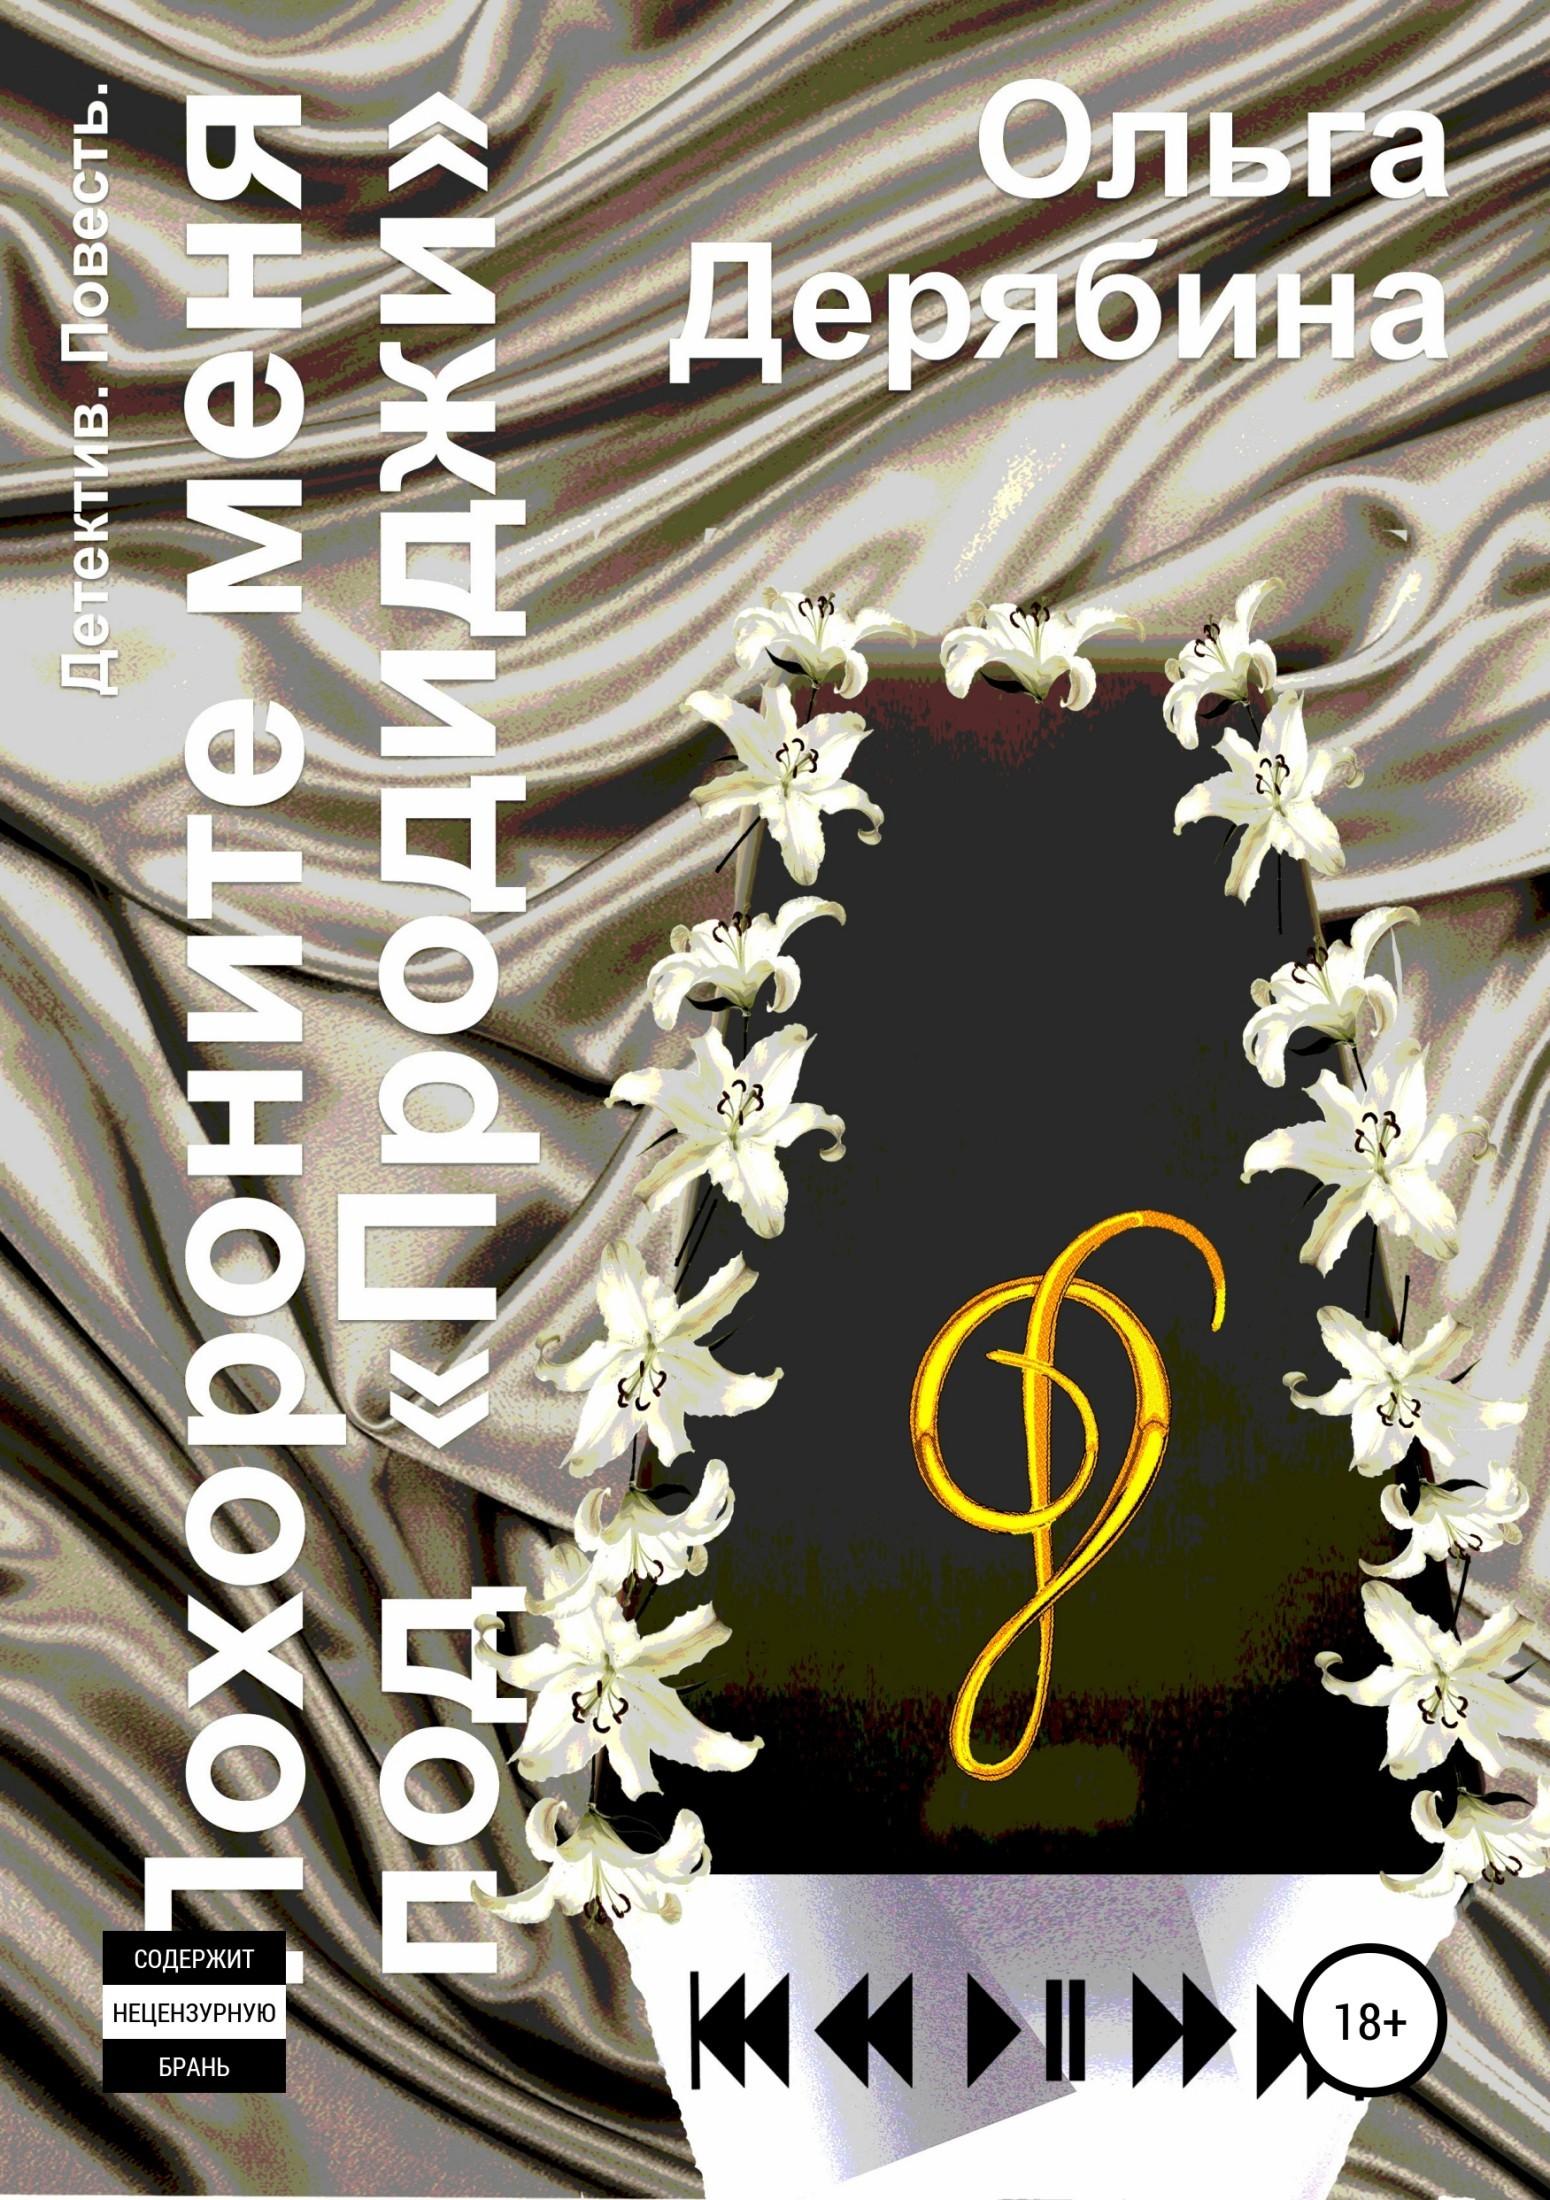 Ольга Сергеевна Дерябина Похороните меня под «Продиджи» ольга сергеевна дерябина похороните меня под продиджи